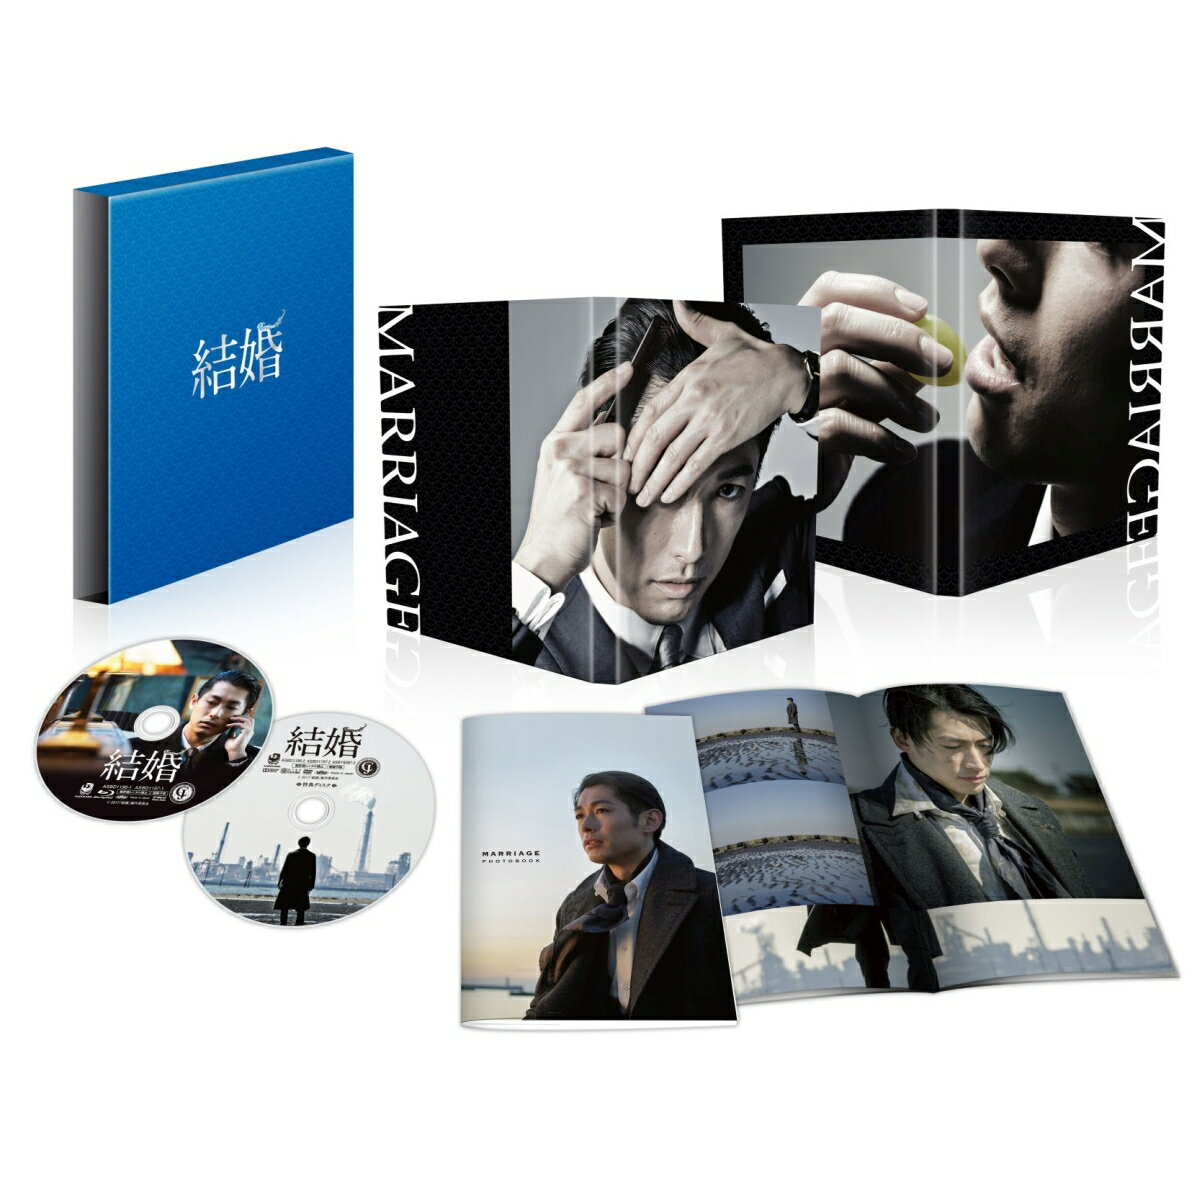 結婚 Blu-ray豪華版【Blu-ray】 [ ディーン・フジオカ ]